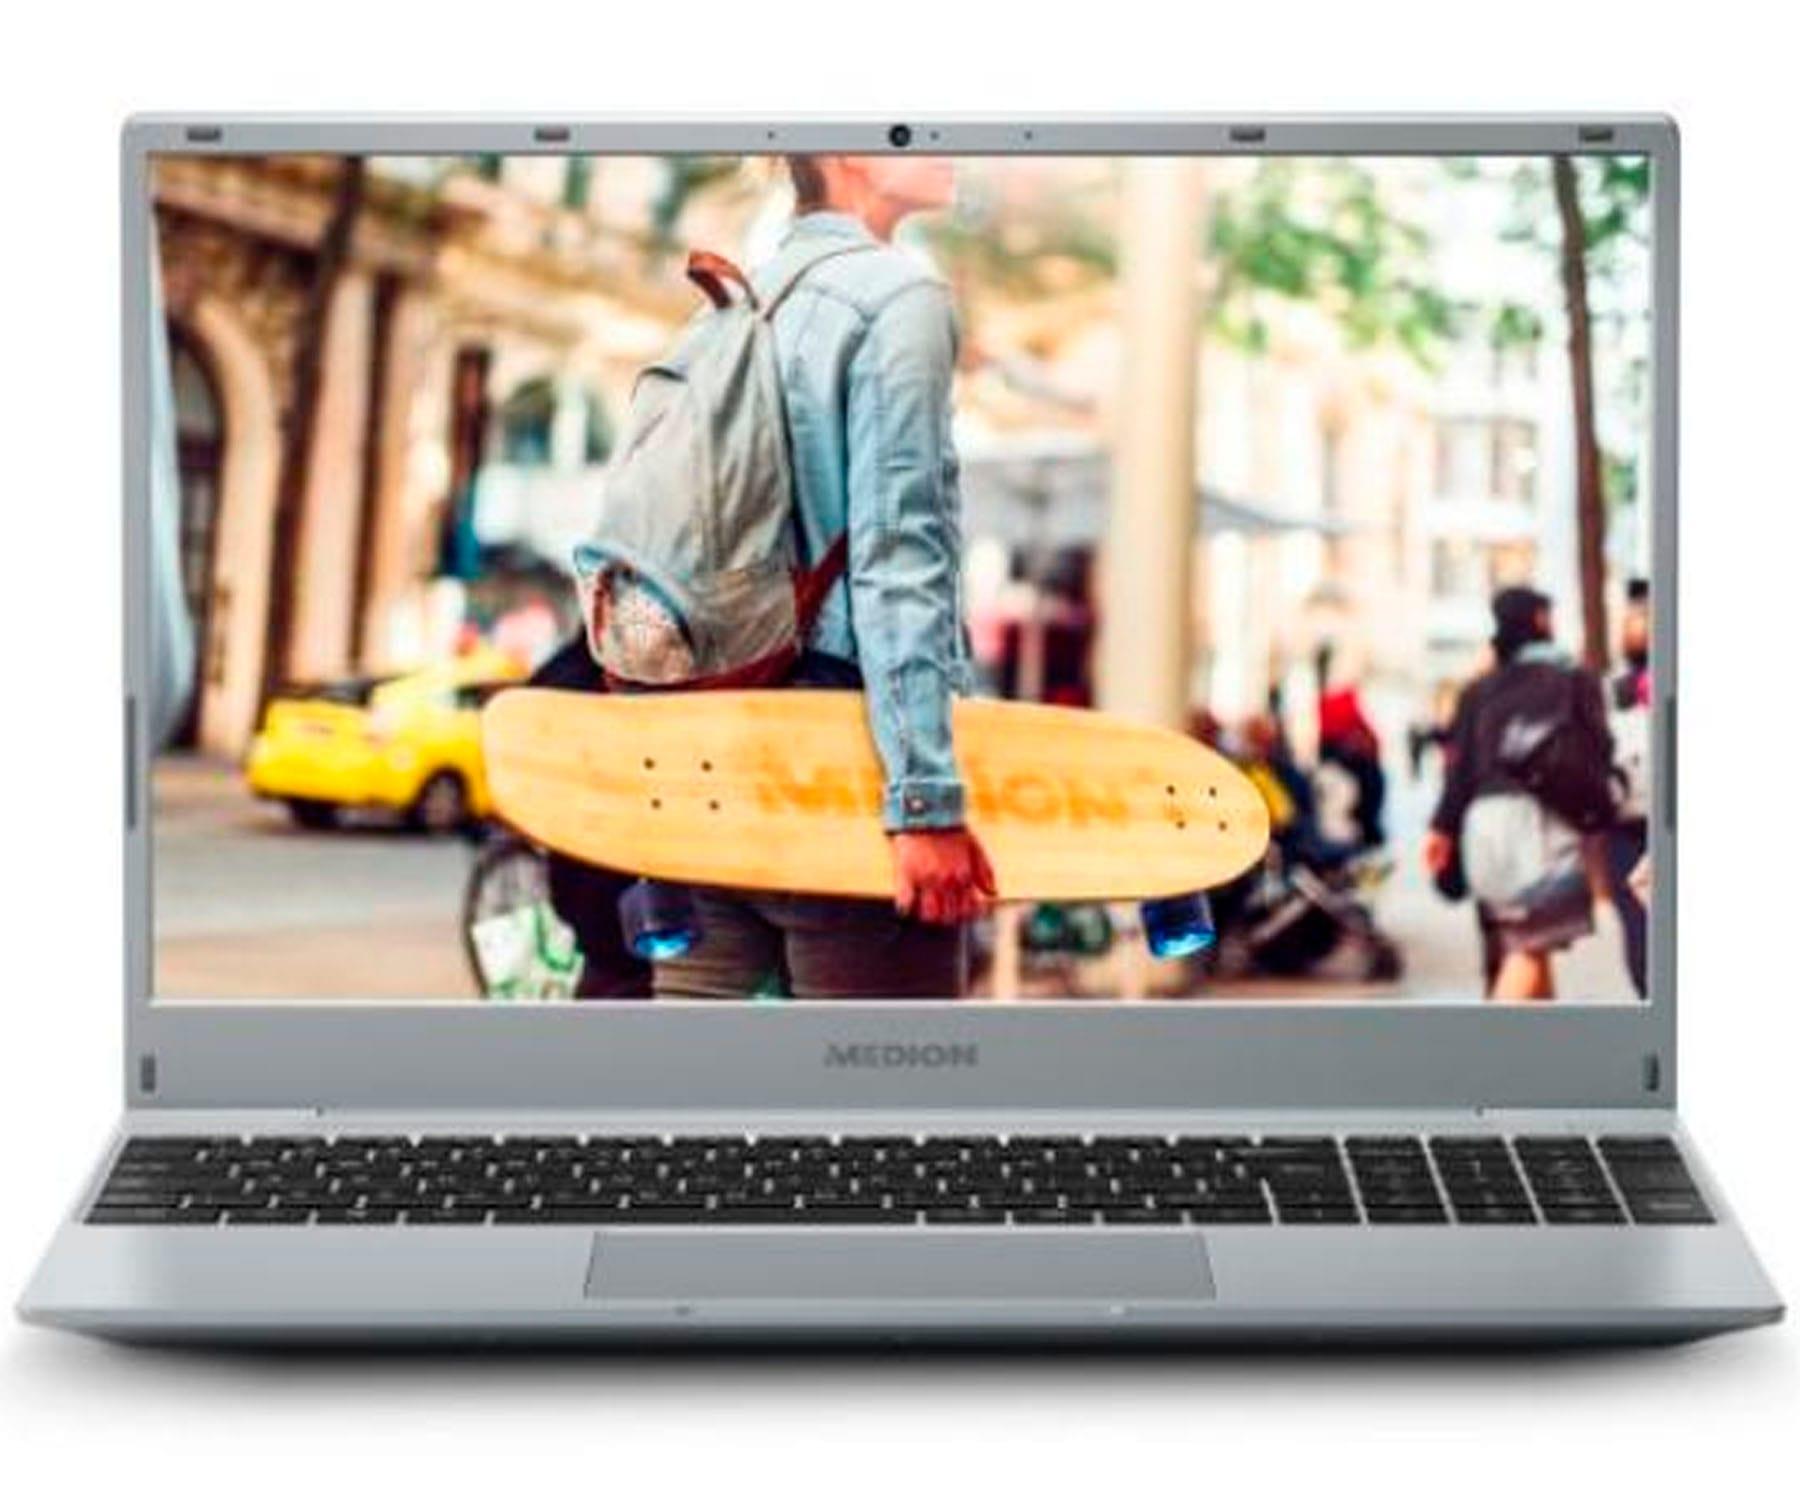 MEDION AKOYA E15301 MD62019 PLATA PORTÁTIL 15.6'' FullHD RYZEN 5 3500U 256GB SSD 8GB RAM WINDOWS 10 HOME